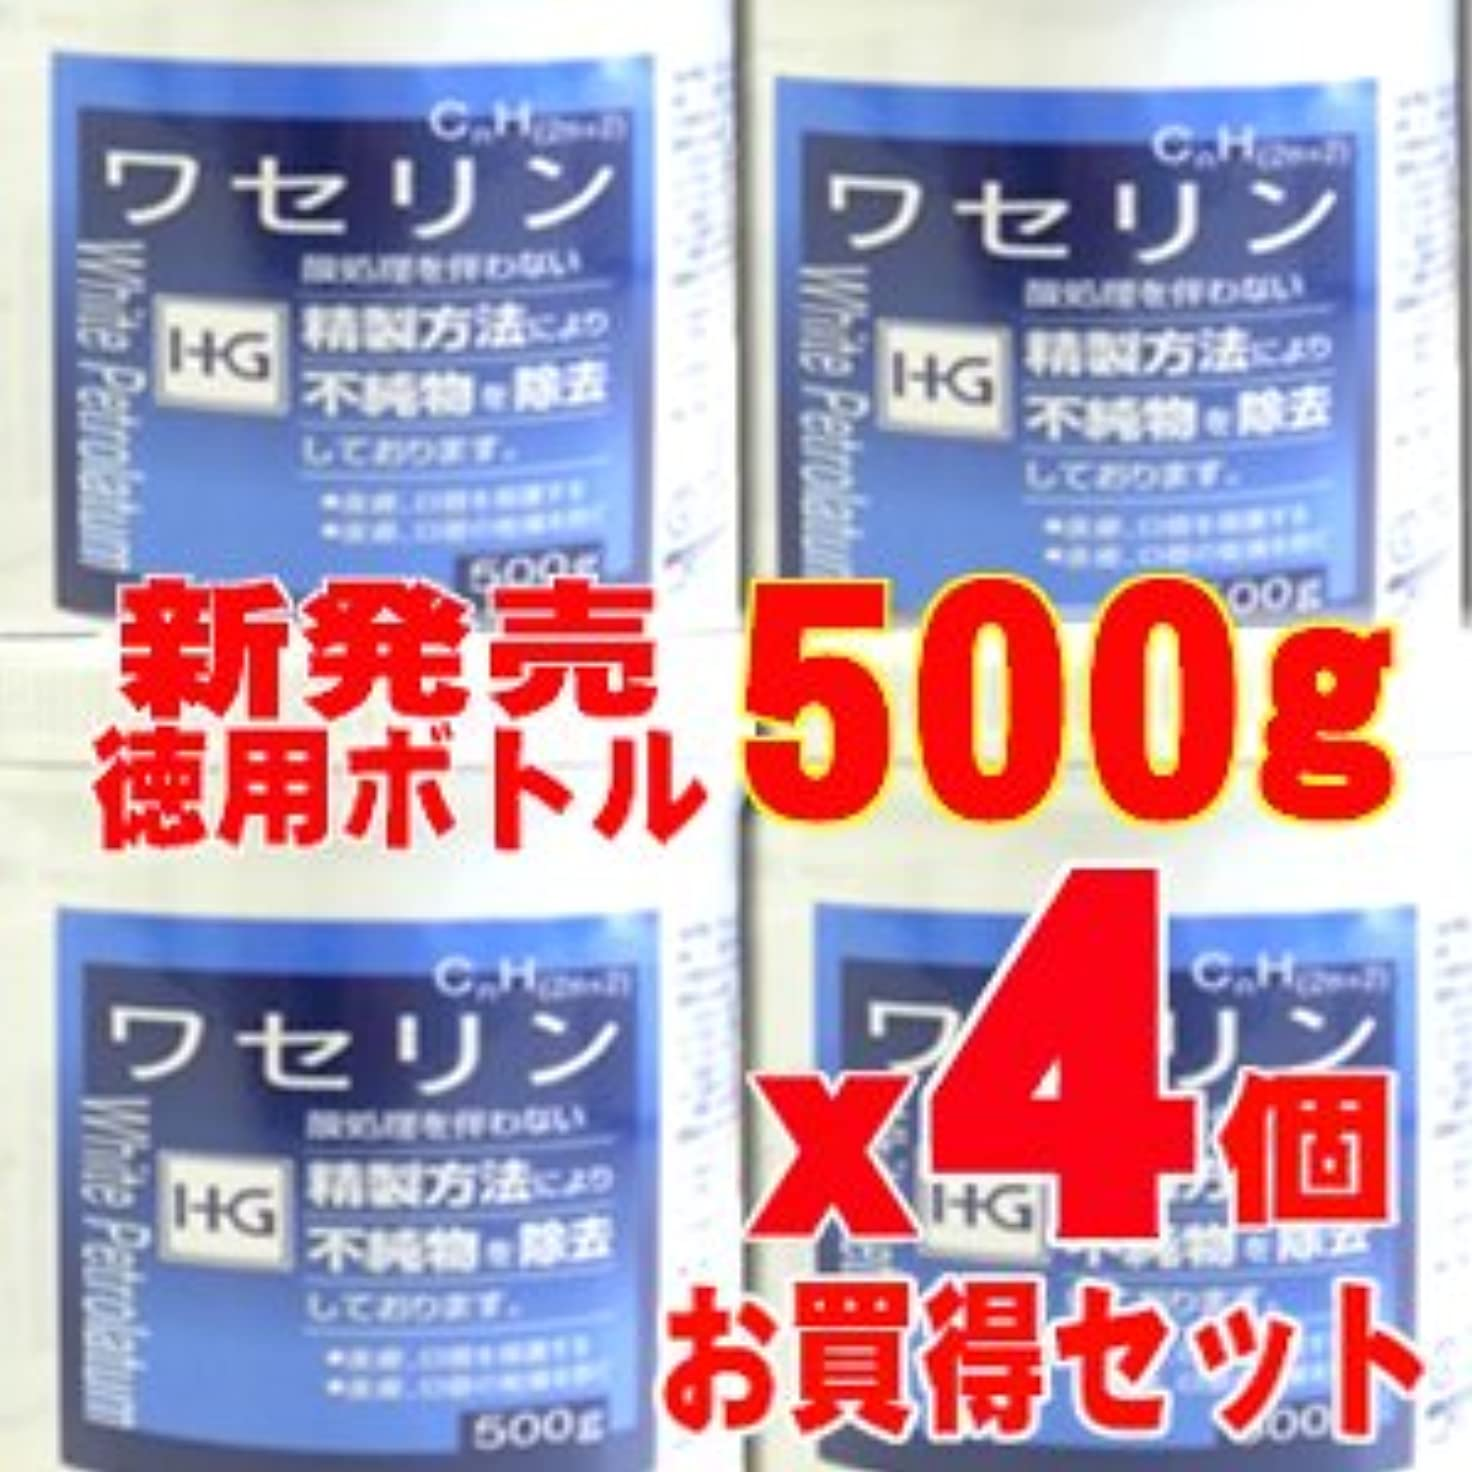 帽子思い出すランダム【敏感肌の方に最適!】皮膚保護 ワセリンHG 徳用500gx4個セット